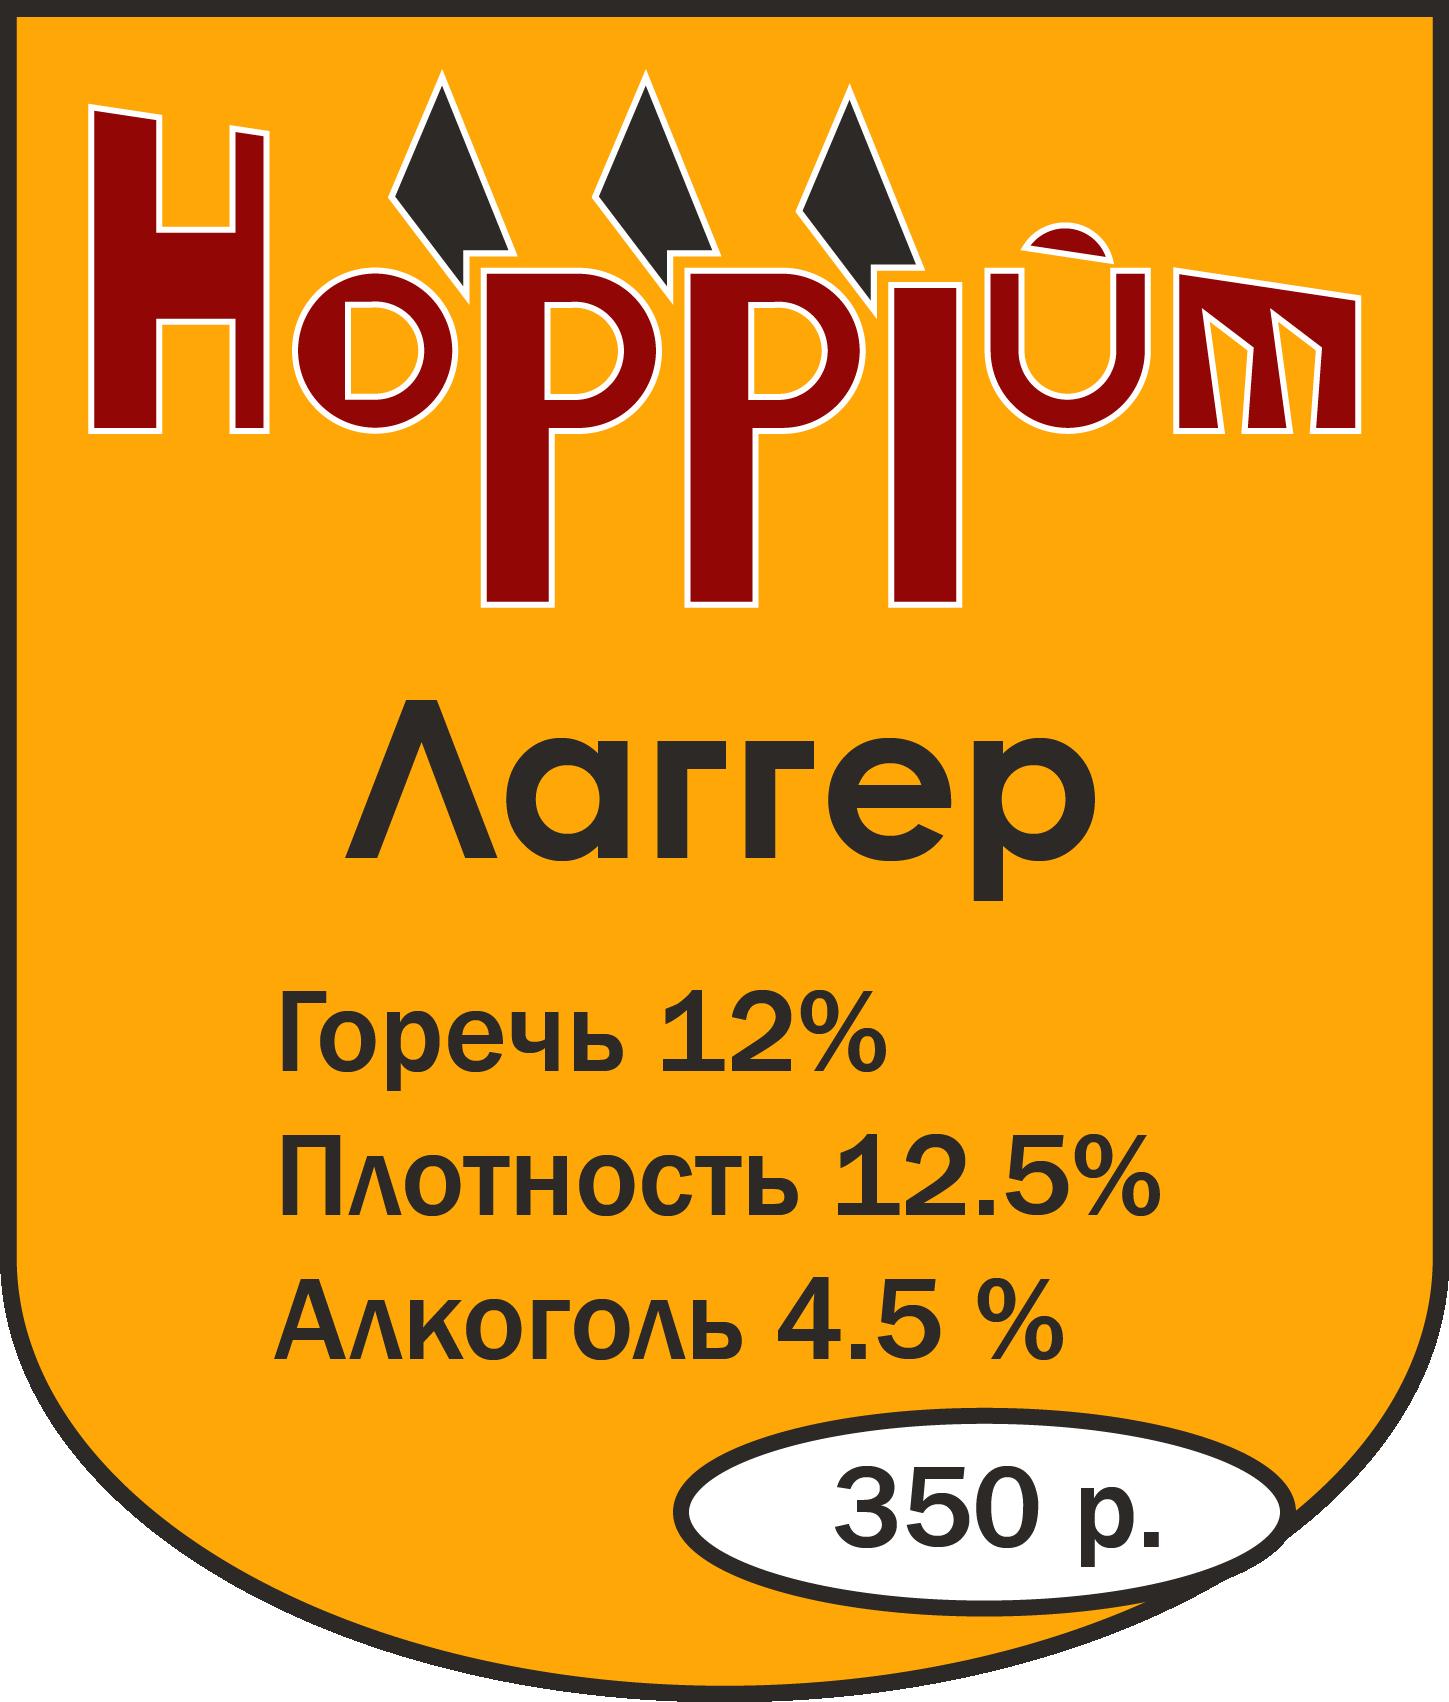 Логотип + Ценники для подмосковной крафтовой пивоварни фото f_4845dc4270ad4a20.png